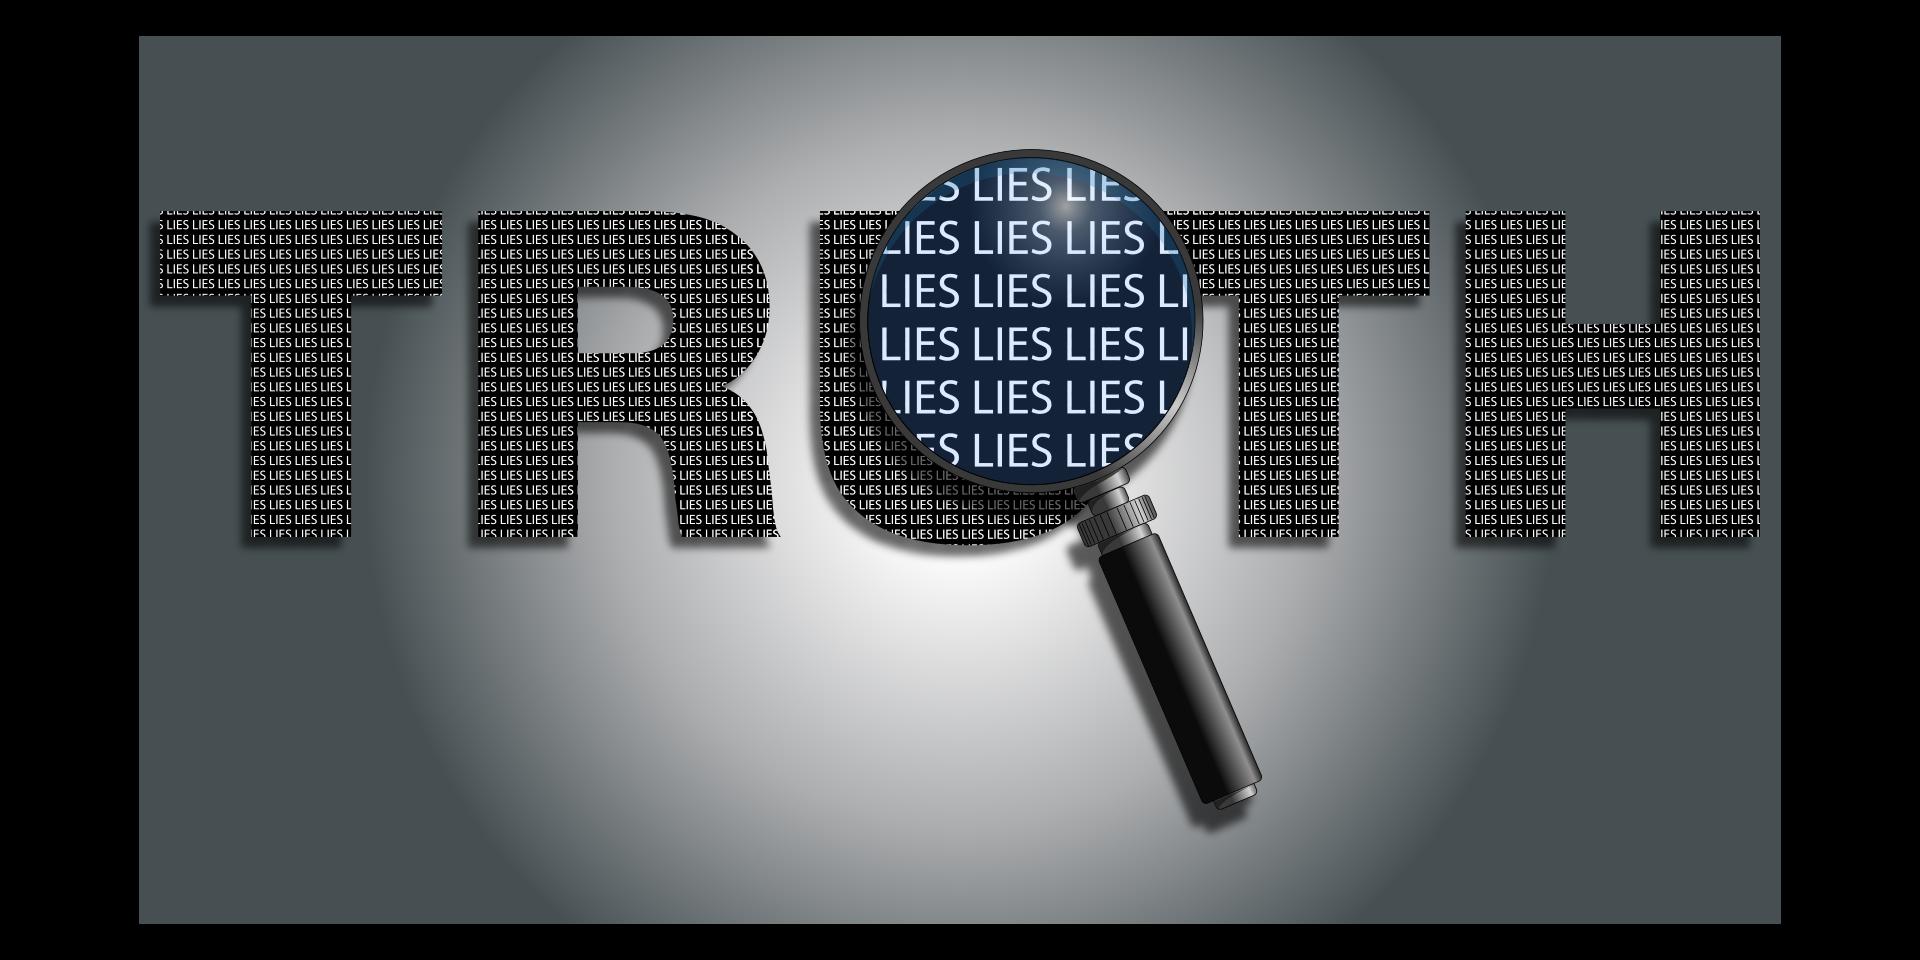 Era kłamstwa: ofaktach medialnych ipost-prawdzie